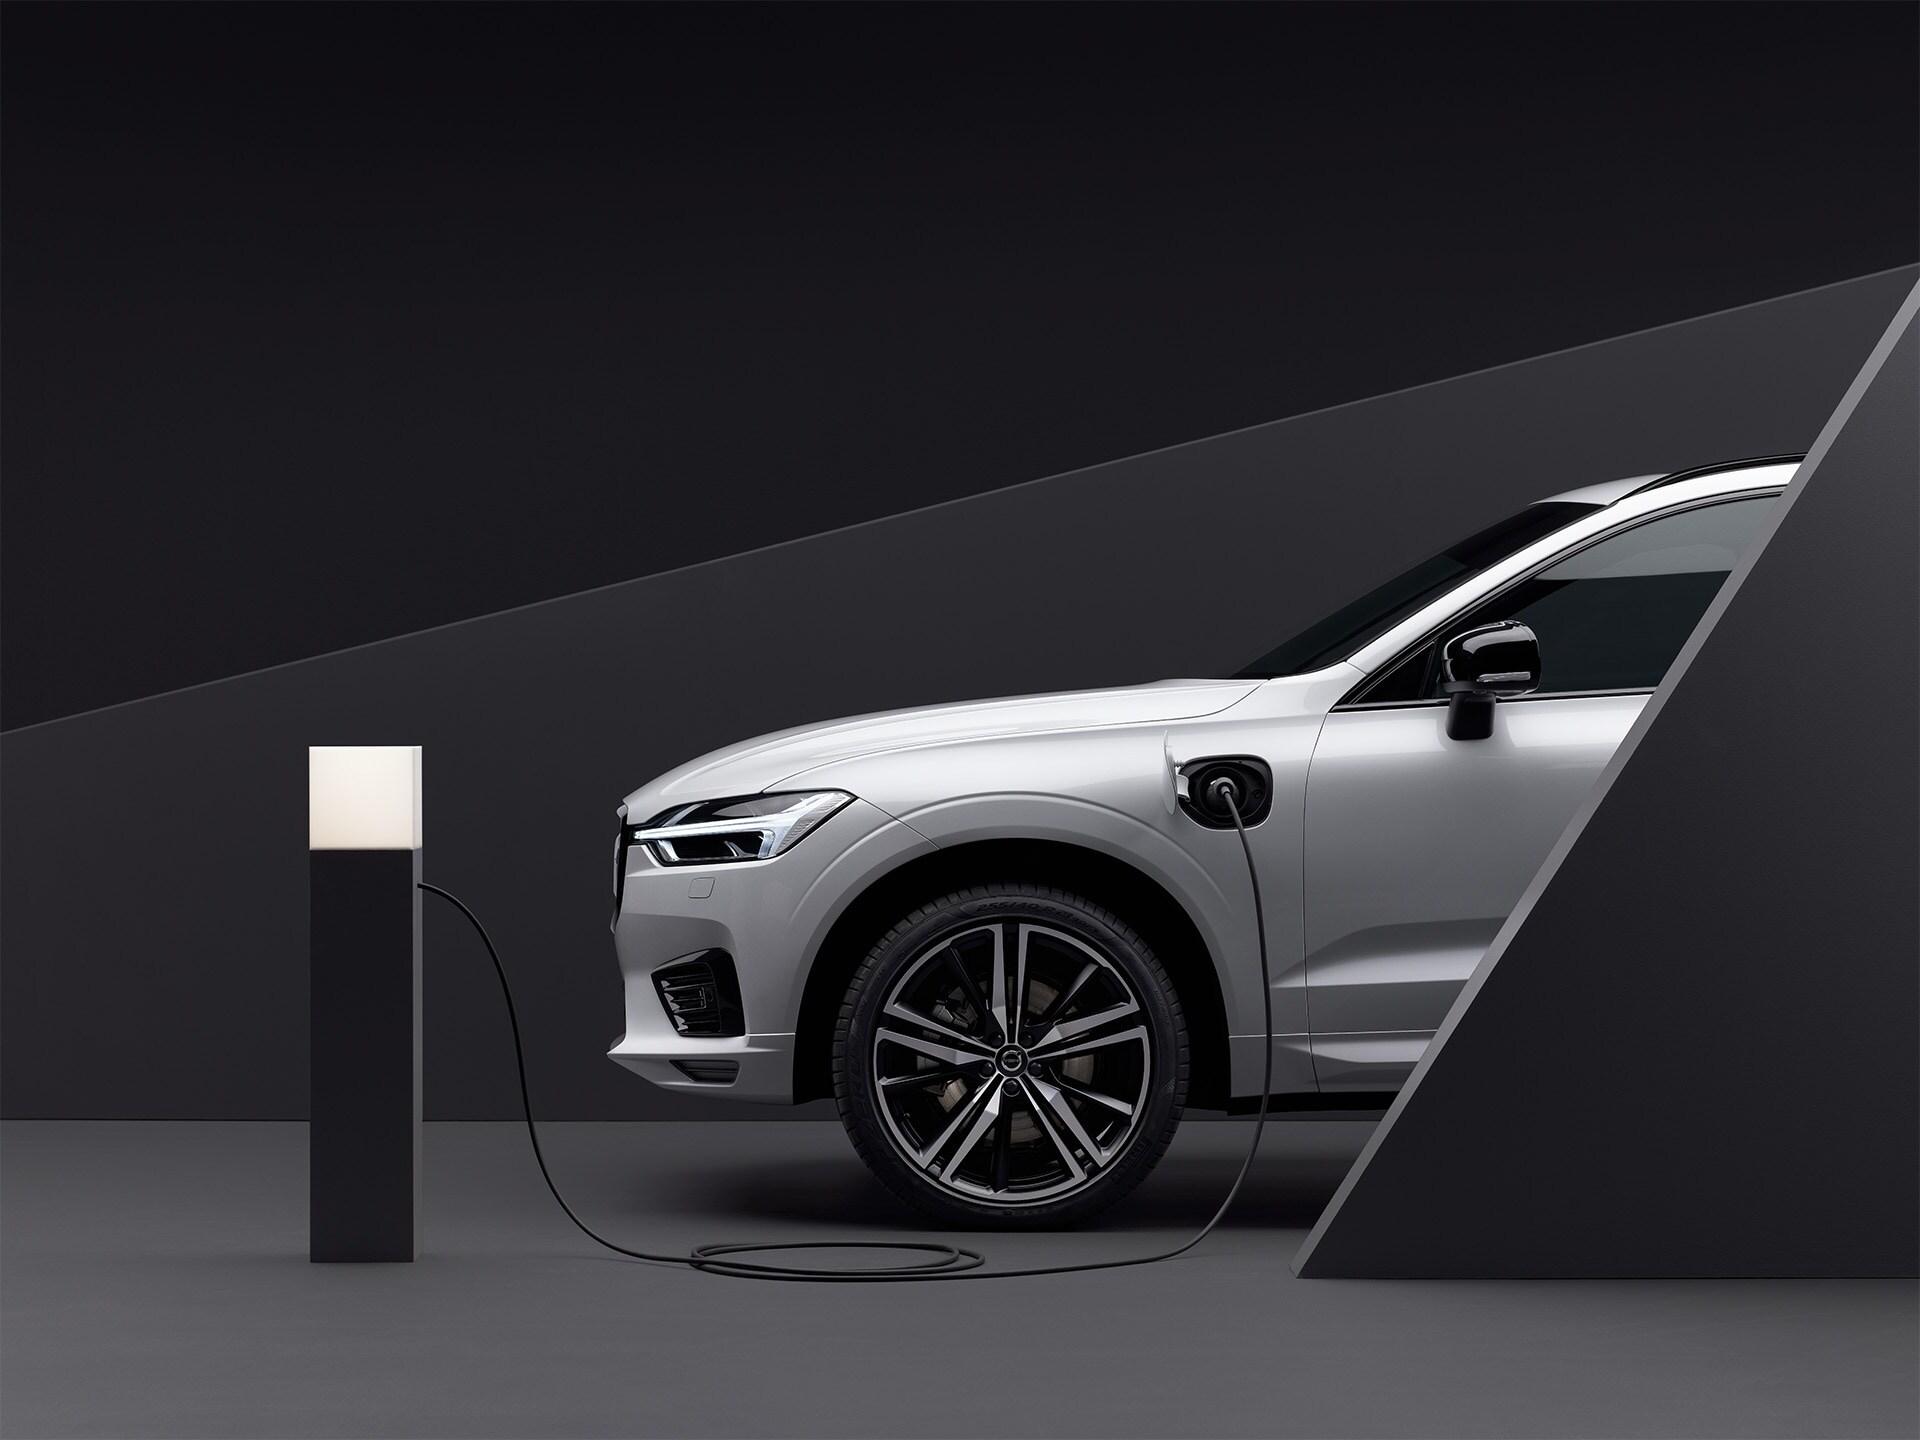 Un SUV Volvo en Luminous Silver en stationnement est branché à une borne de recharge